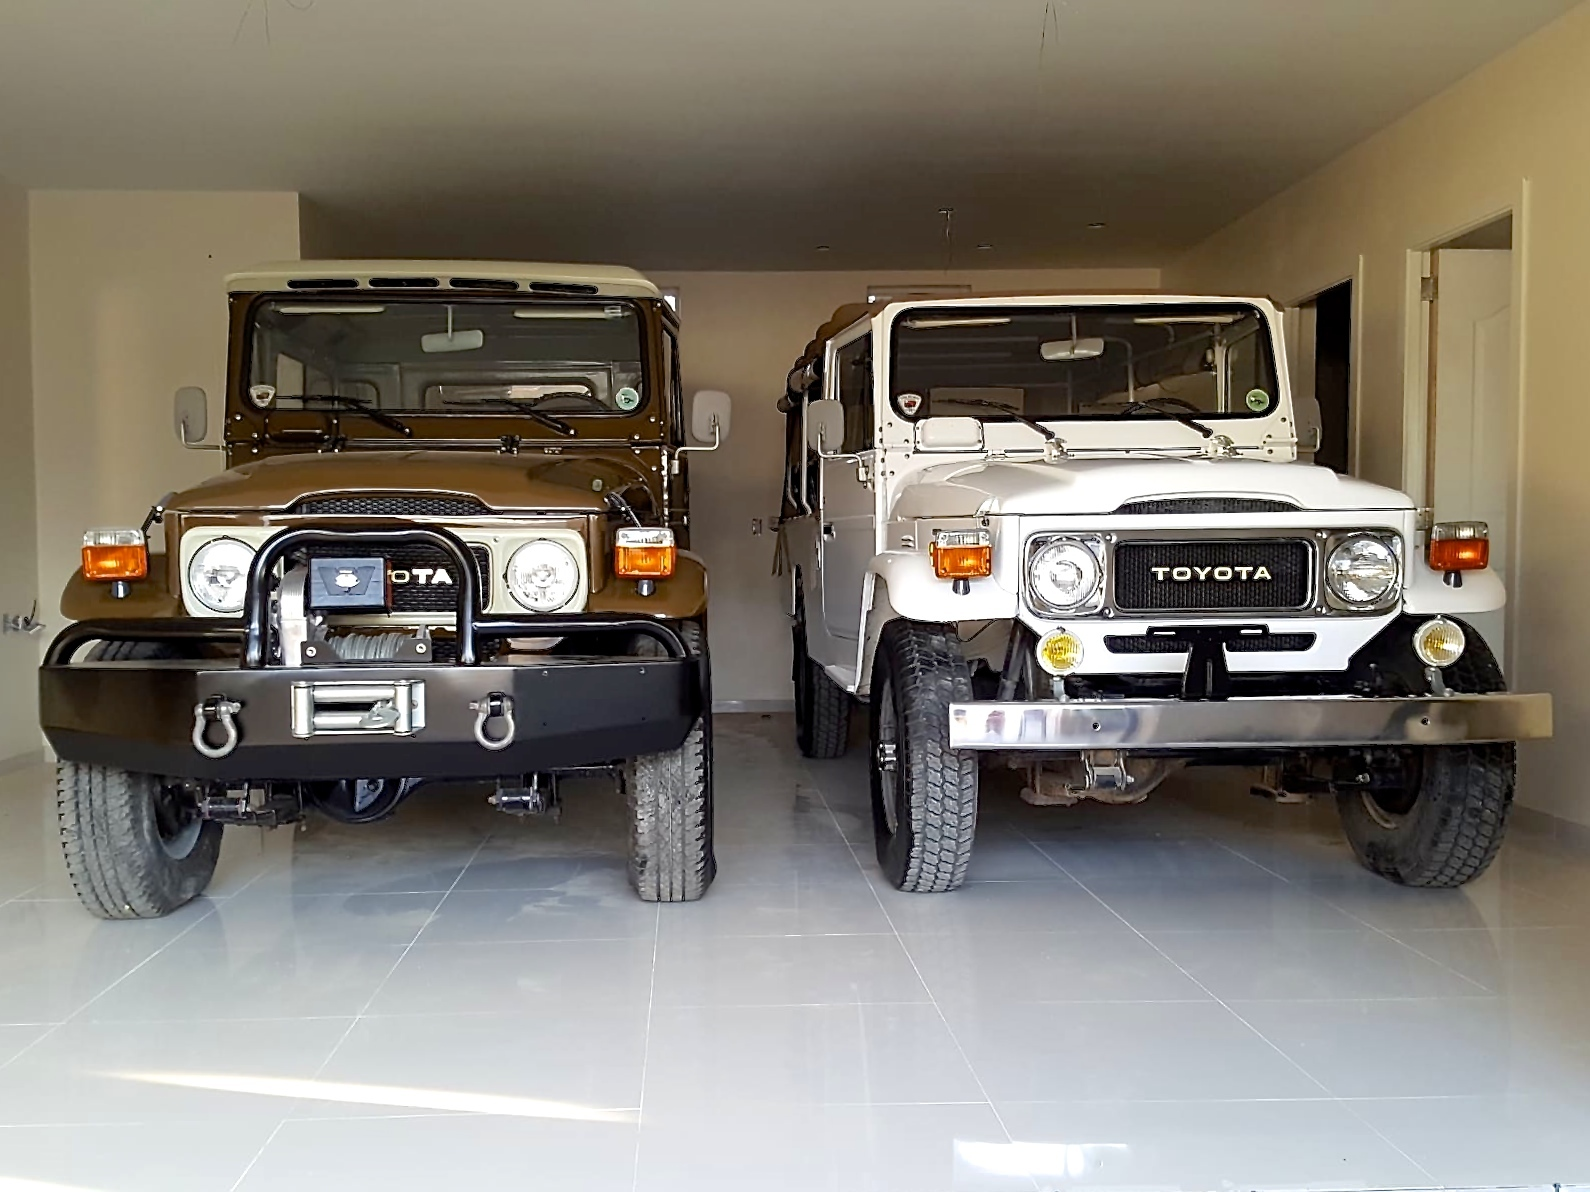 FJ43 and FJ45-01 together.jpg